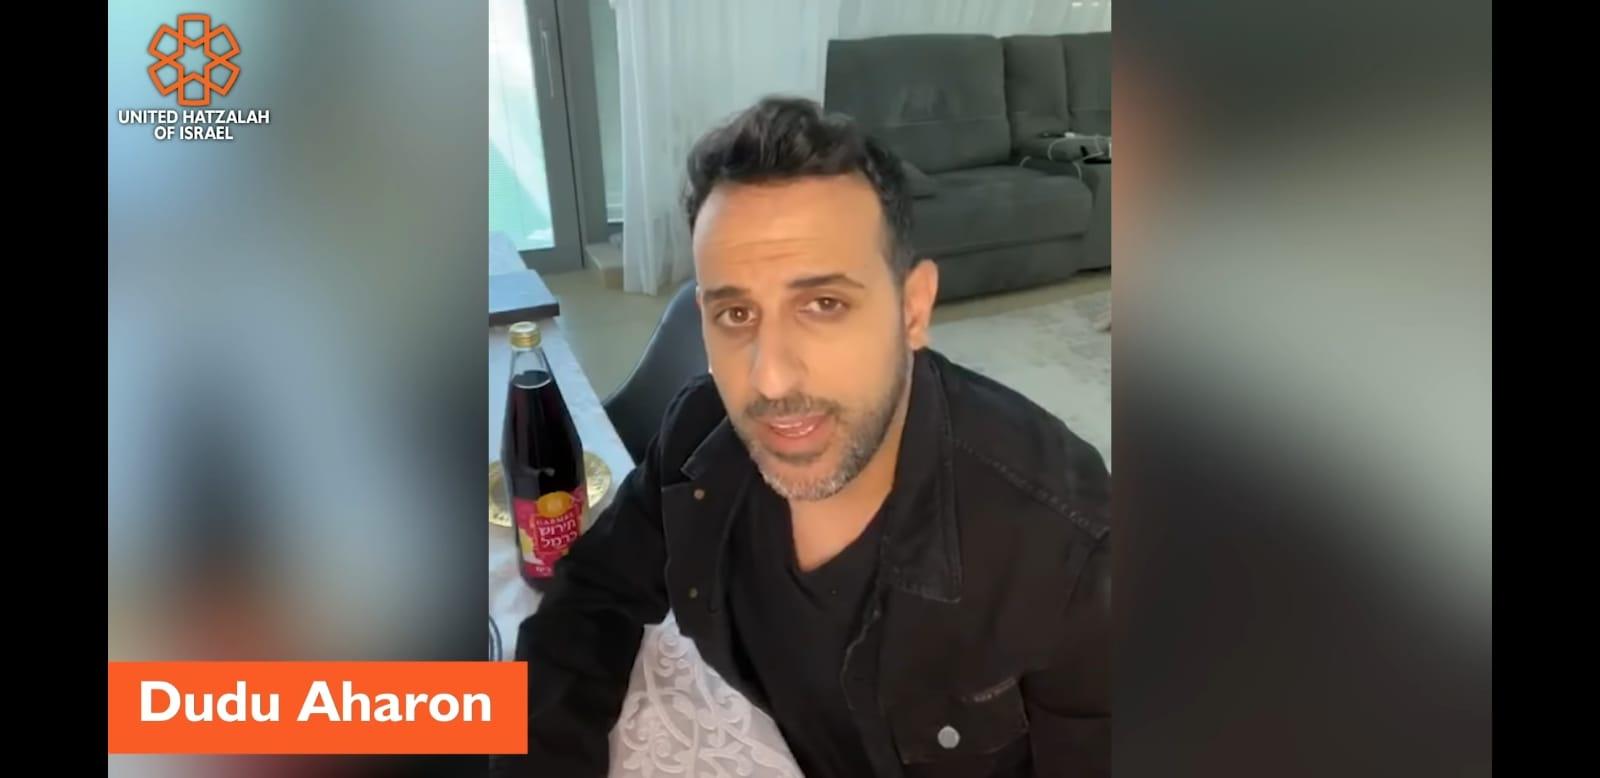 דודו אהרון